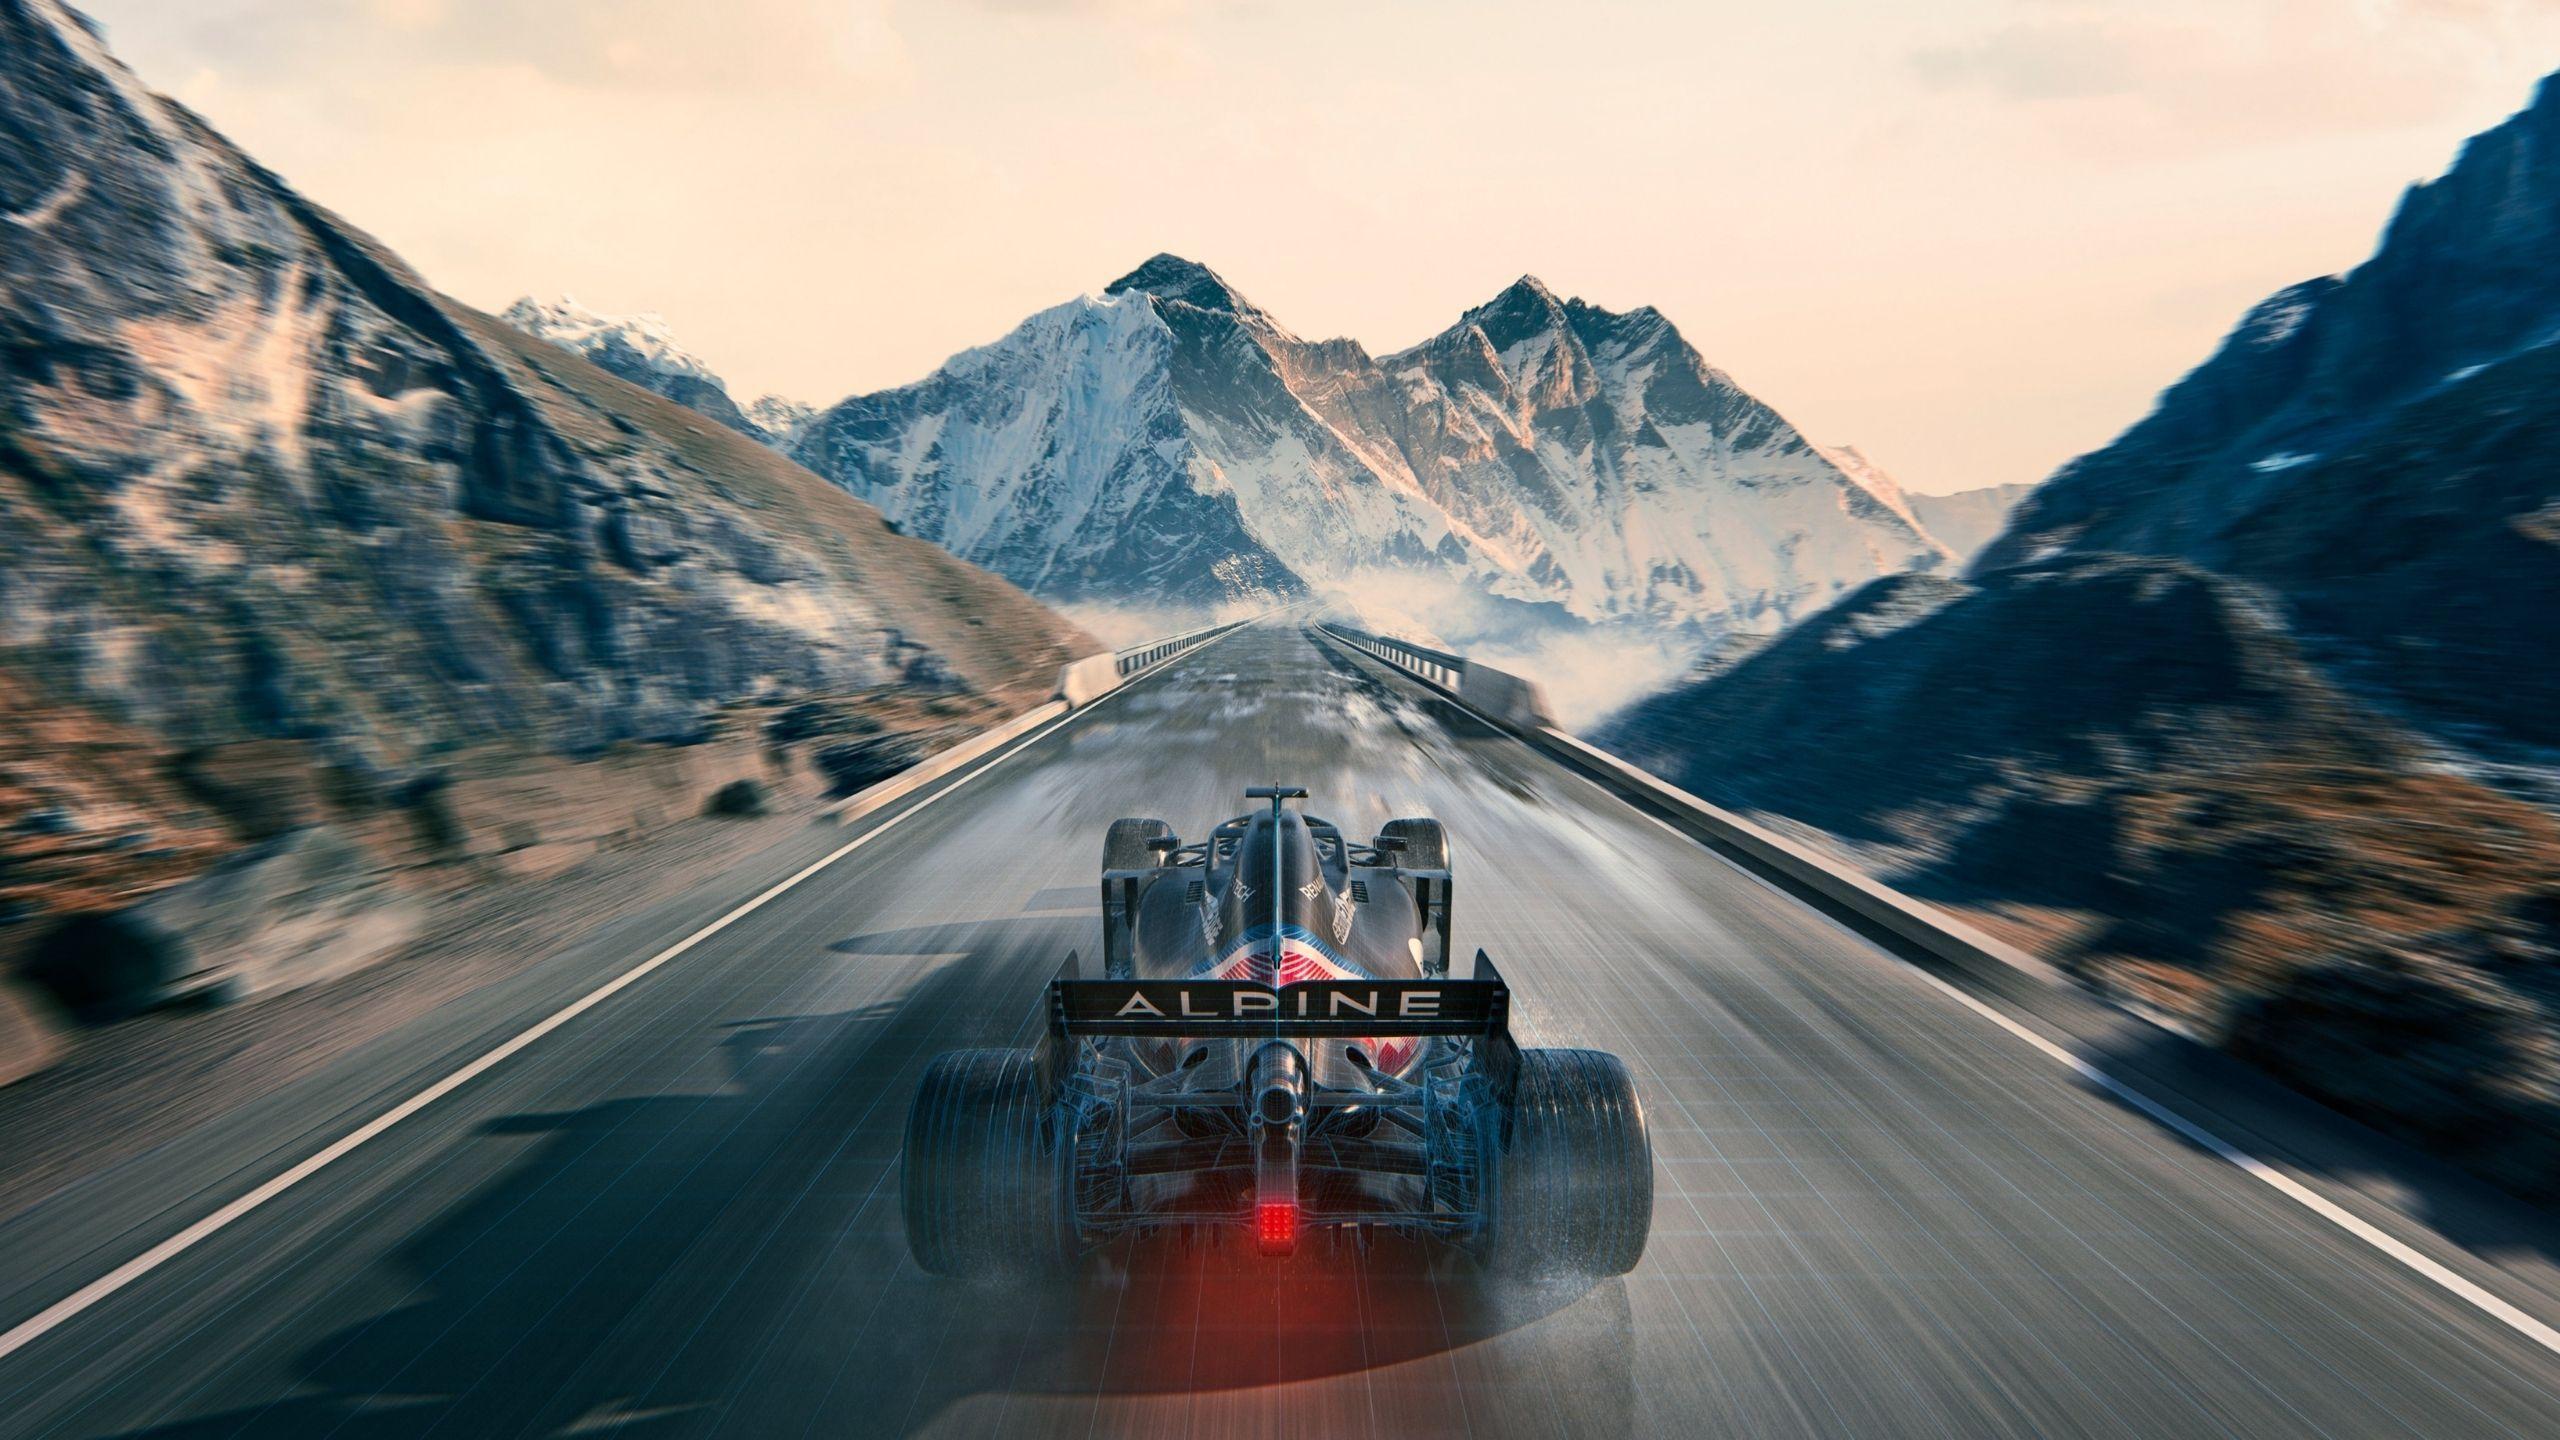 Alpine Background 7